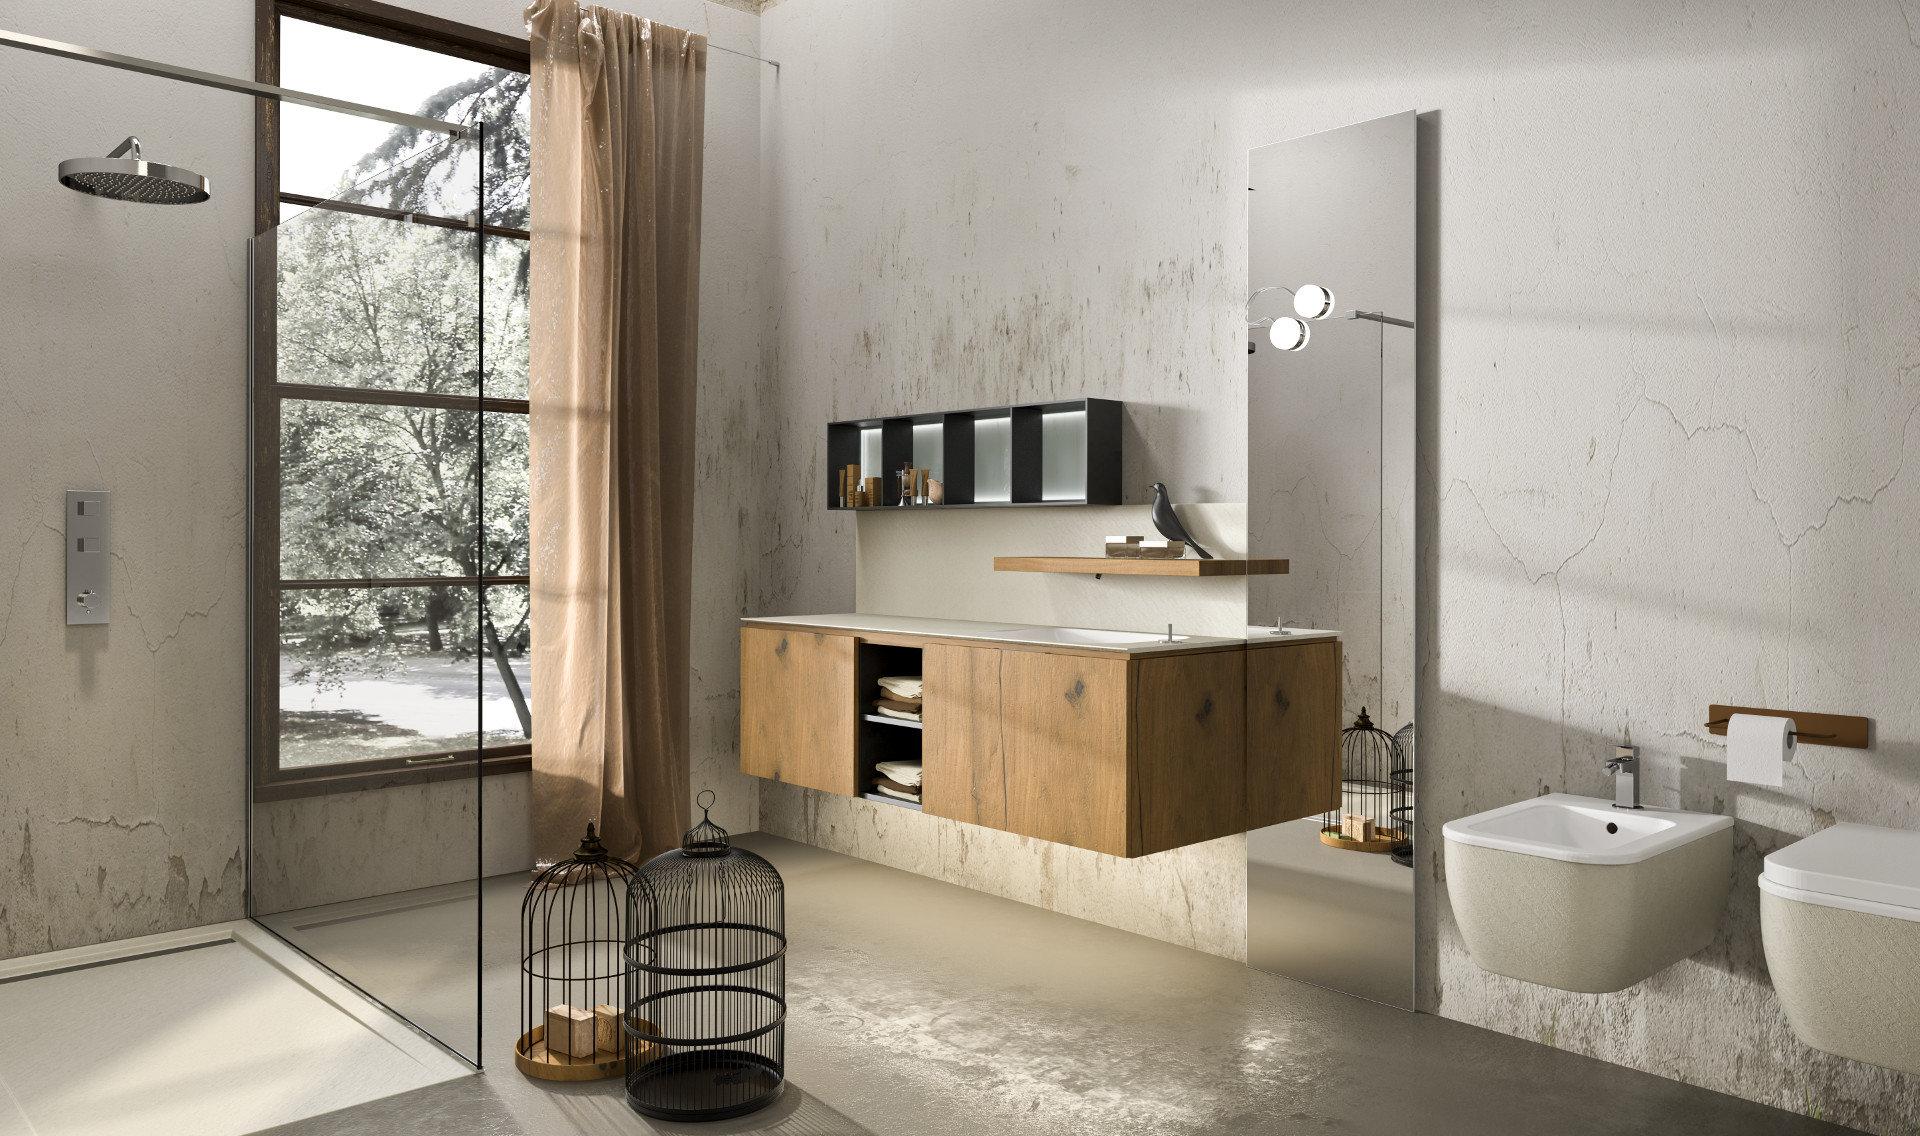 Edon design mydecor - Colori per il bagno ...